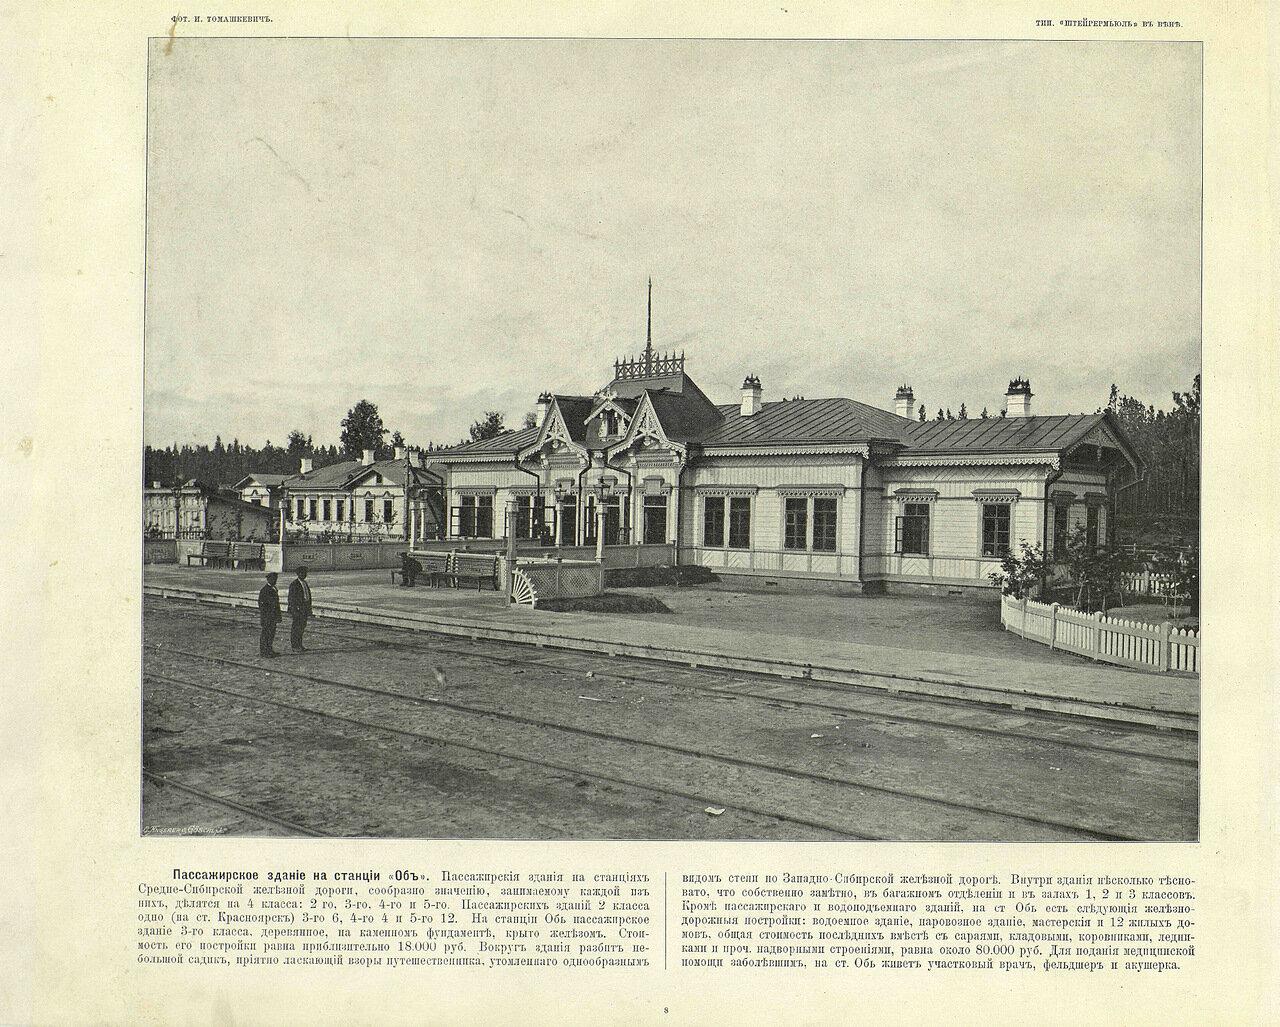 8. Пассажирское здание на  станции «Обь»